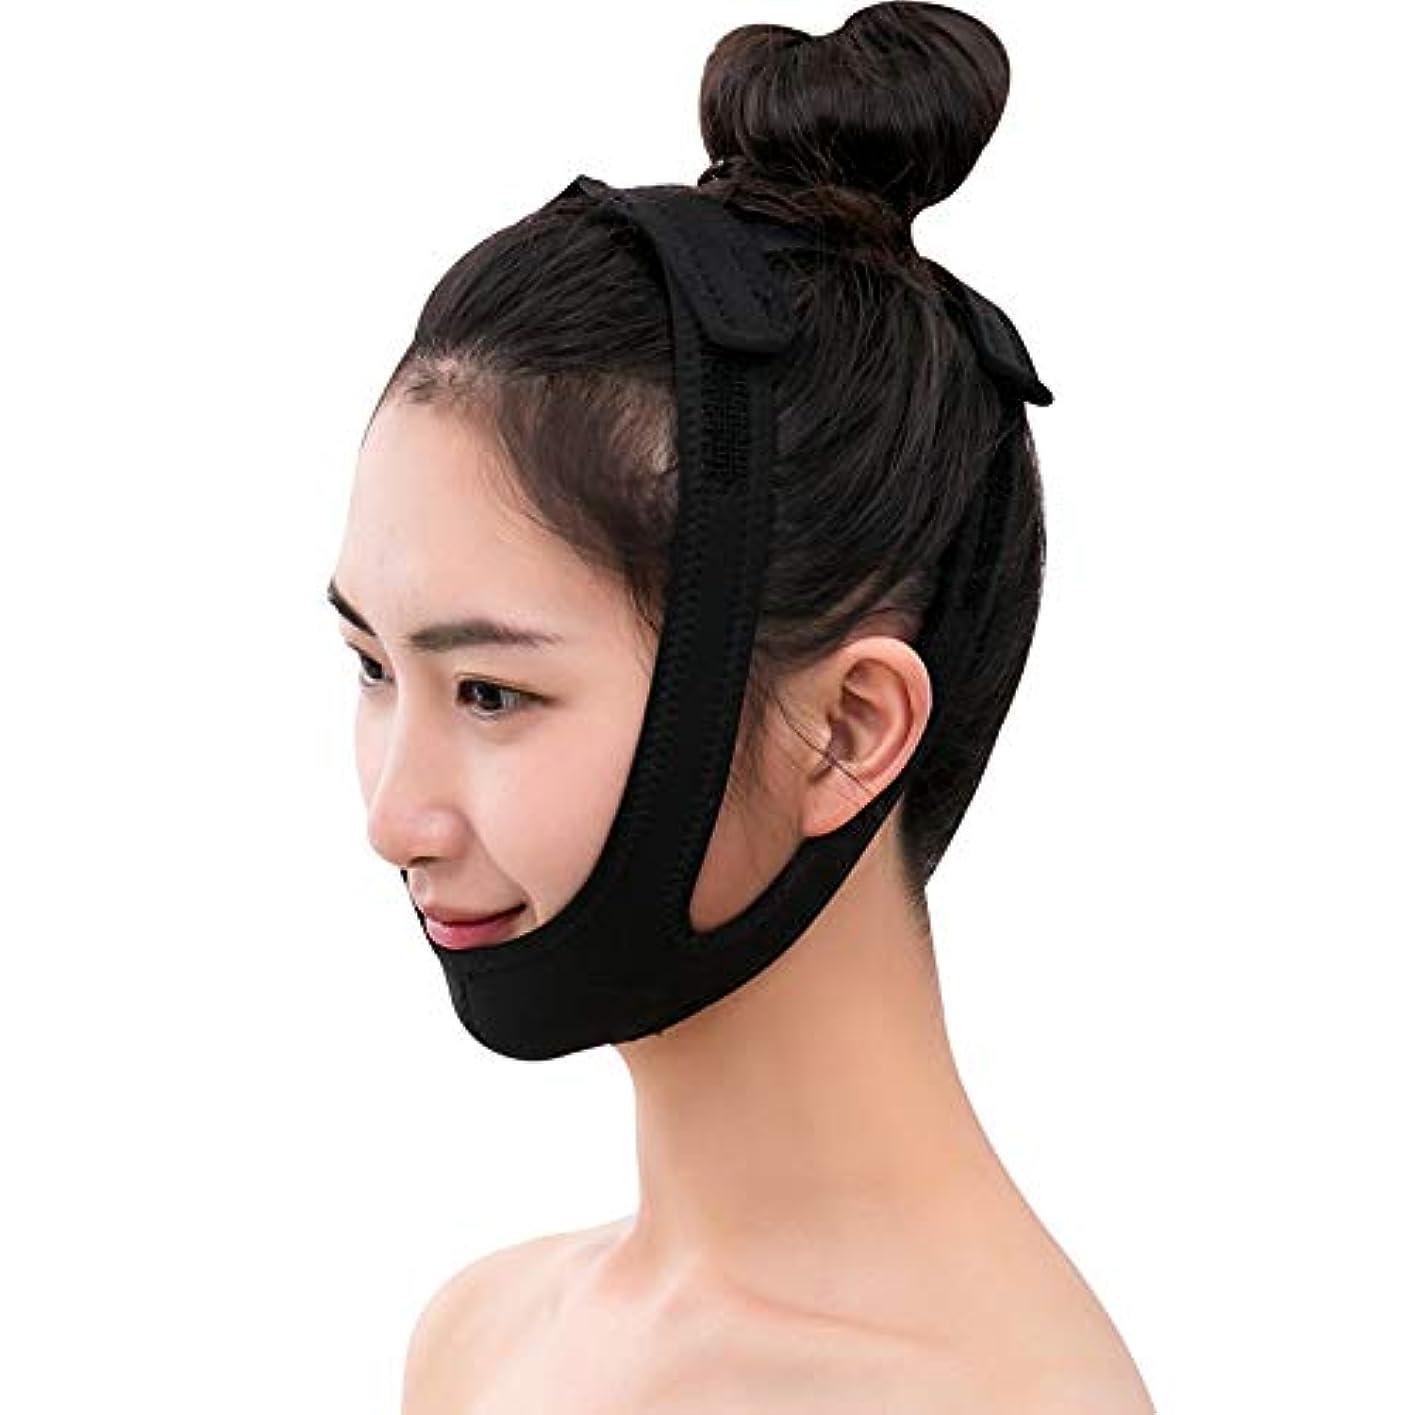 子豚潜在的な達成可能XINGZHE フェイシャルリフティング痩身ベルト圧縮二重あご減量ベルトスキンケア薄い顔包帯二重あごワークアウト フェイスリフティングベルト